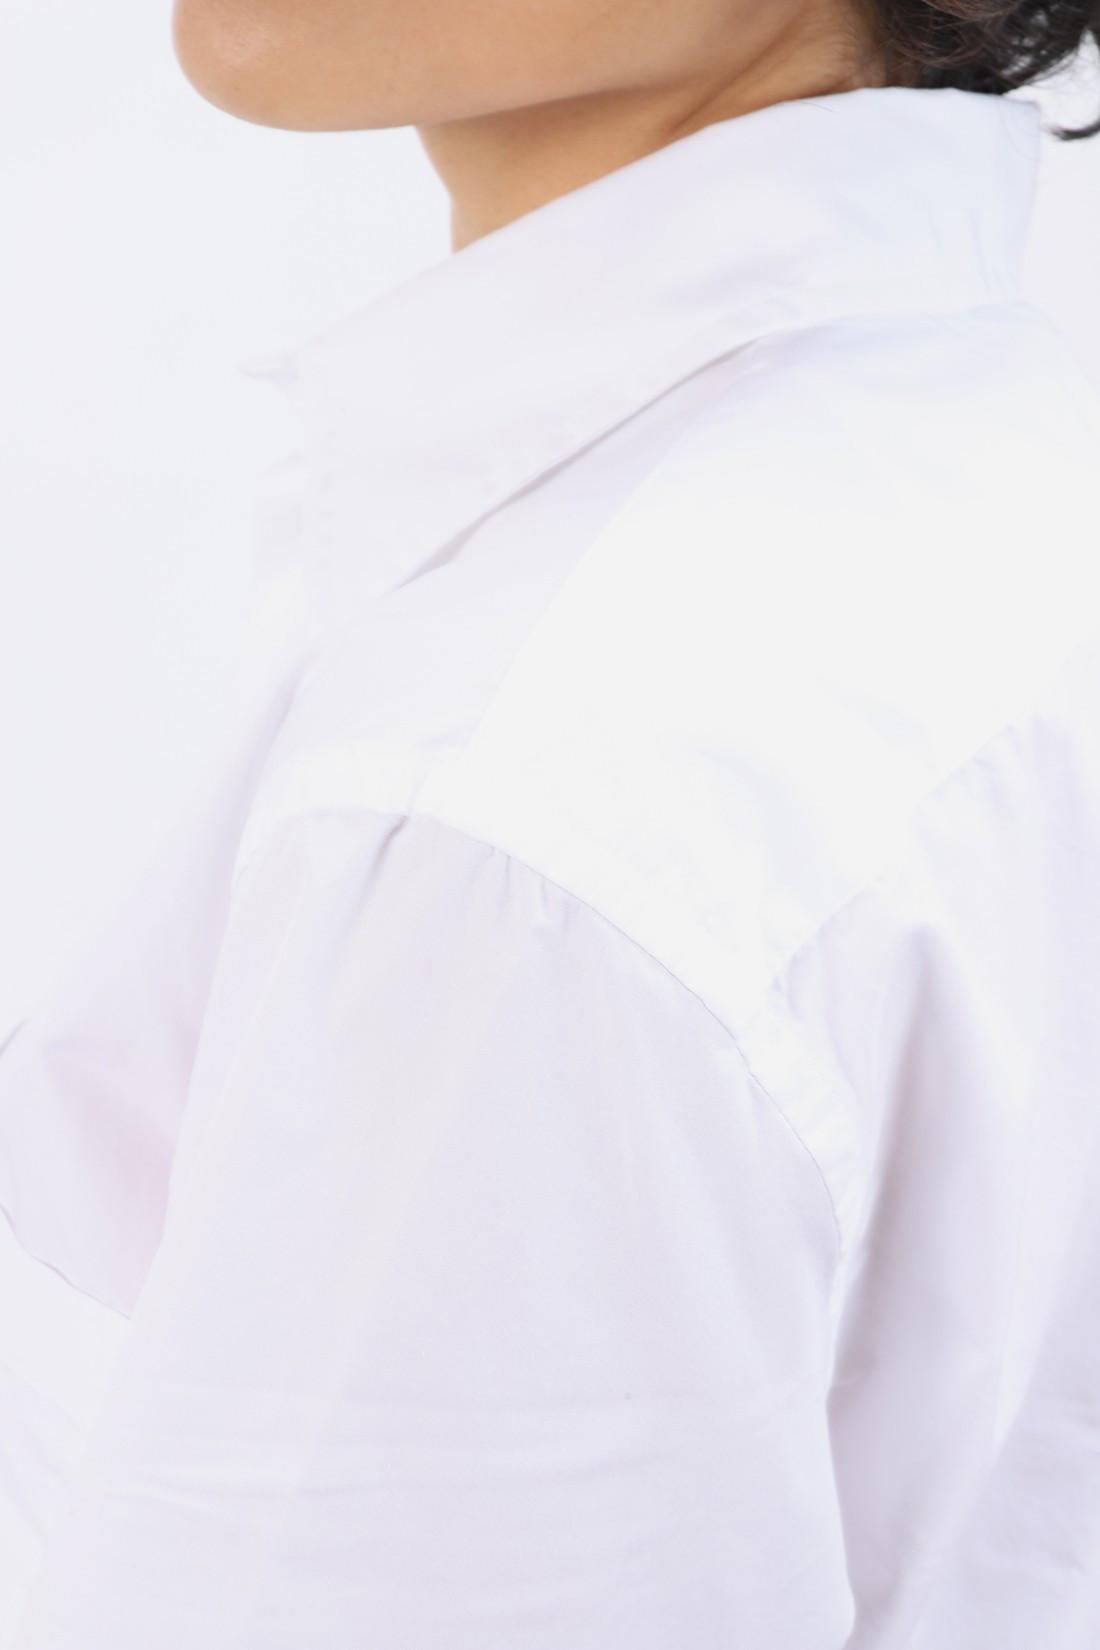 BARENA FOR WOMAN / Chemise camicia ursula Bianco